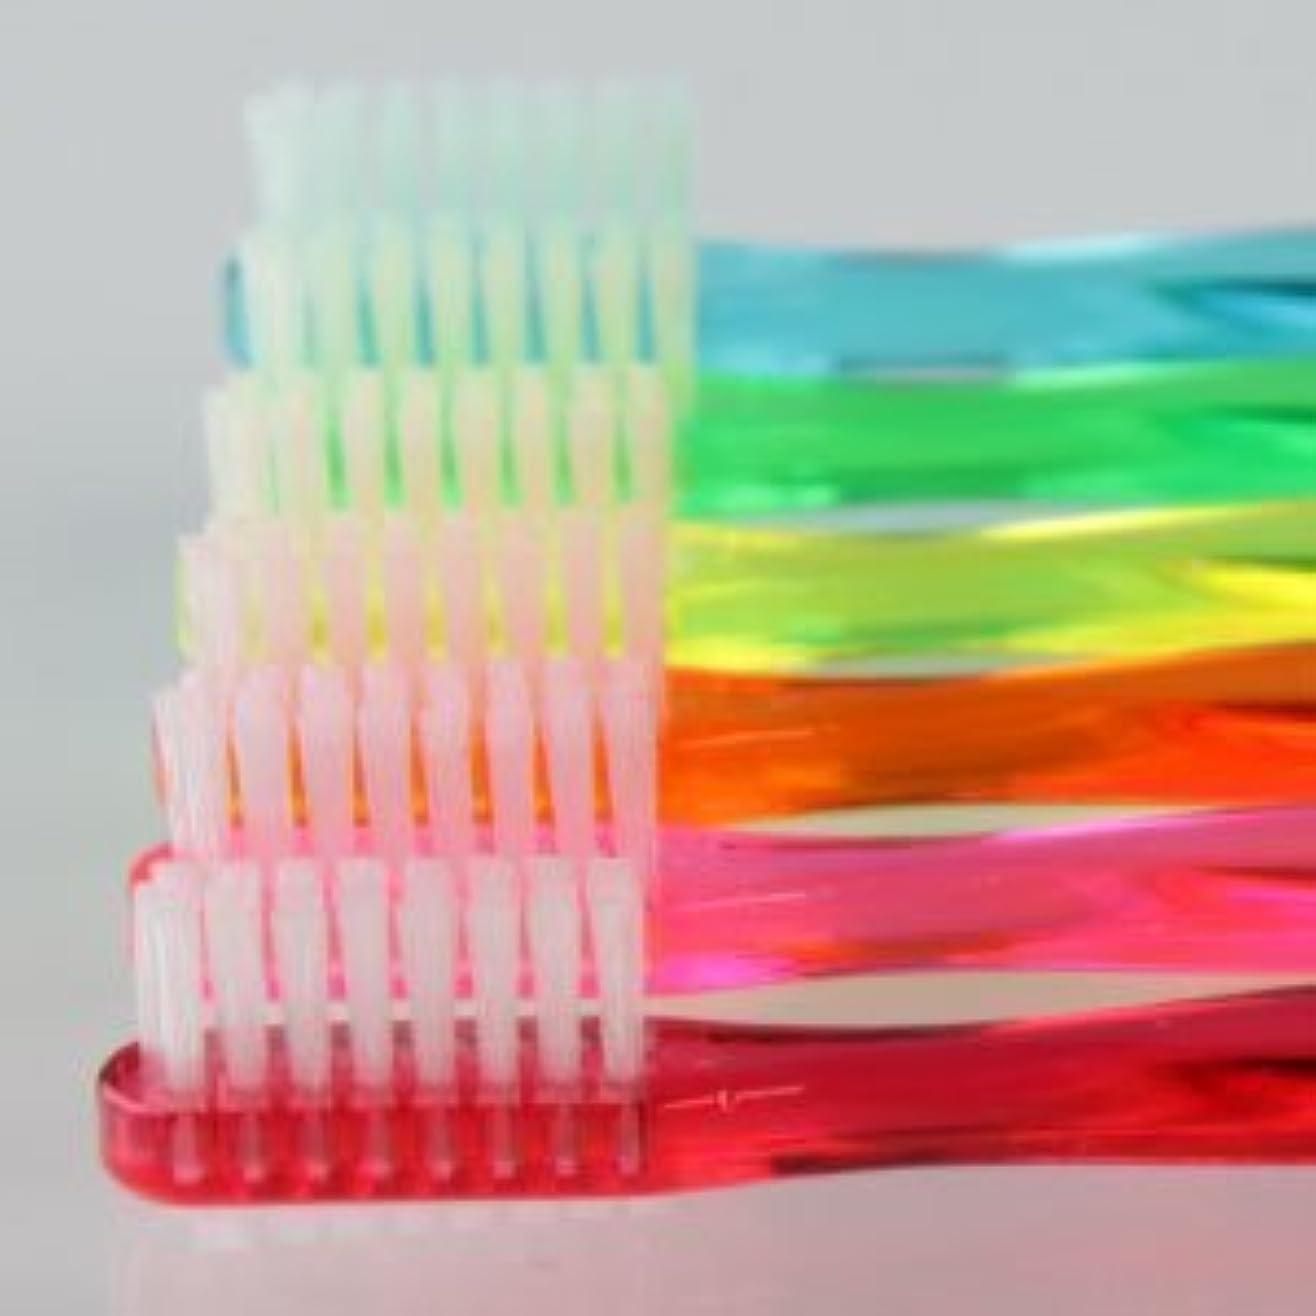 混合した対人市民権サムフレンド 歯ブラシ #11(乳歯?永久歯の混合歯列期向け) 6本 ※お色は当店お任せです